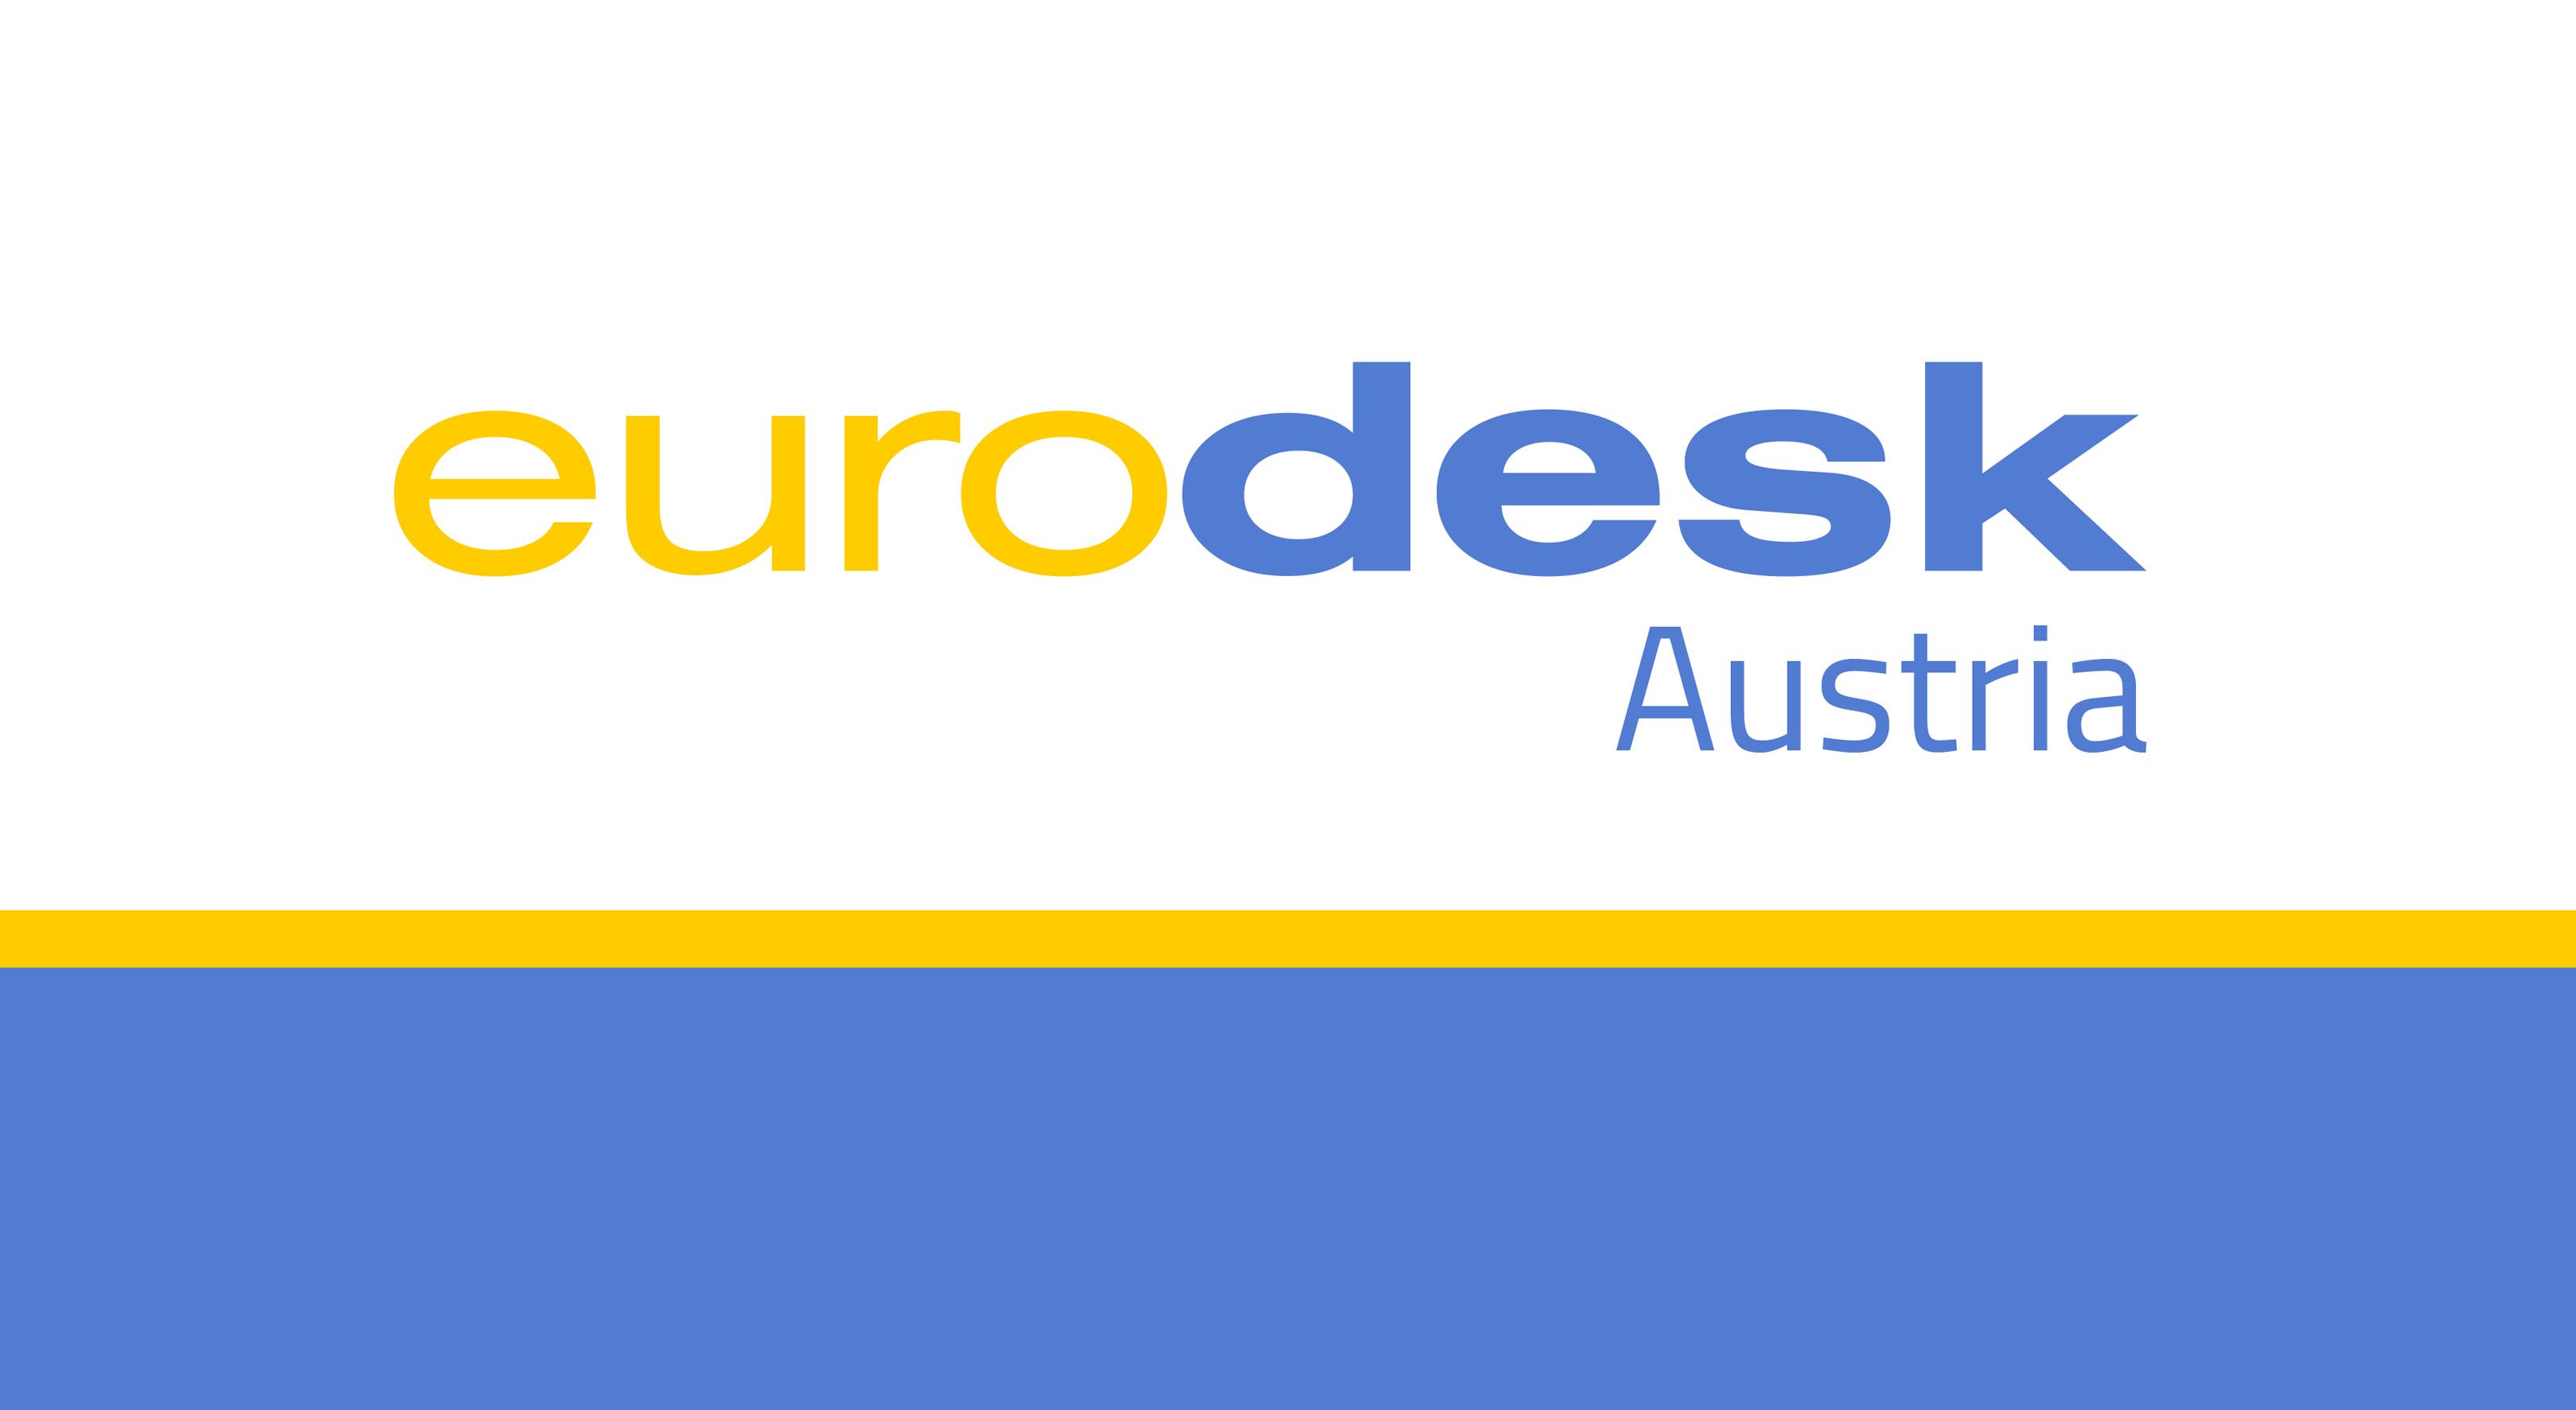 eurodesk austria slider Kopie 2